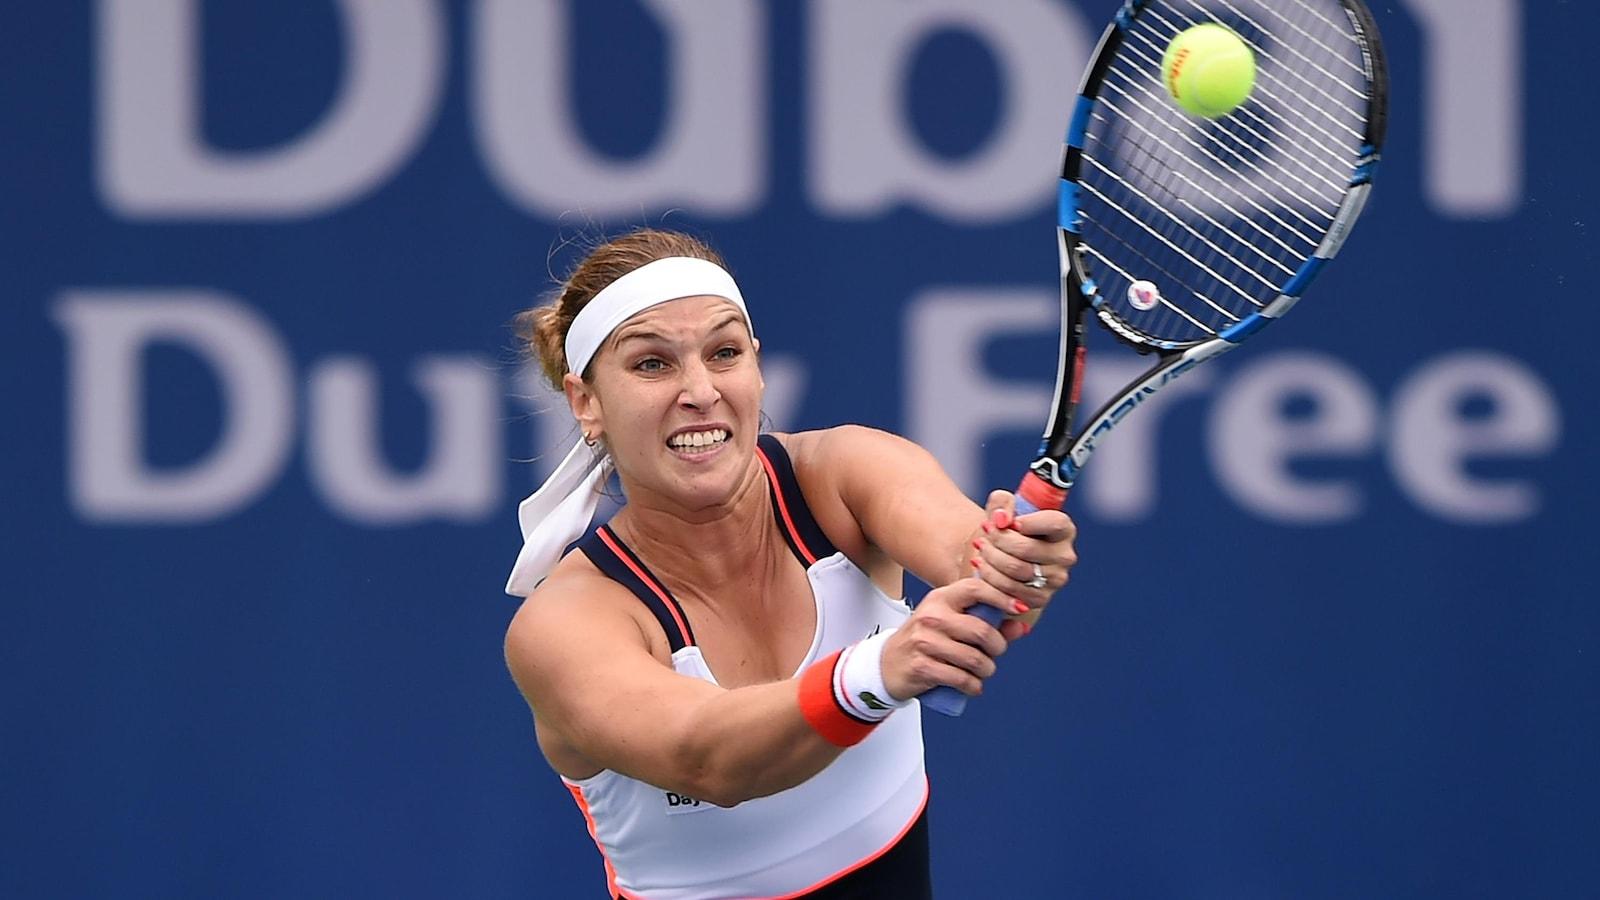 Dominika Cibulkova éliminée Au Deuxième Tour à Dubaï Iciradio